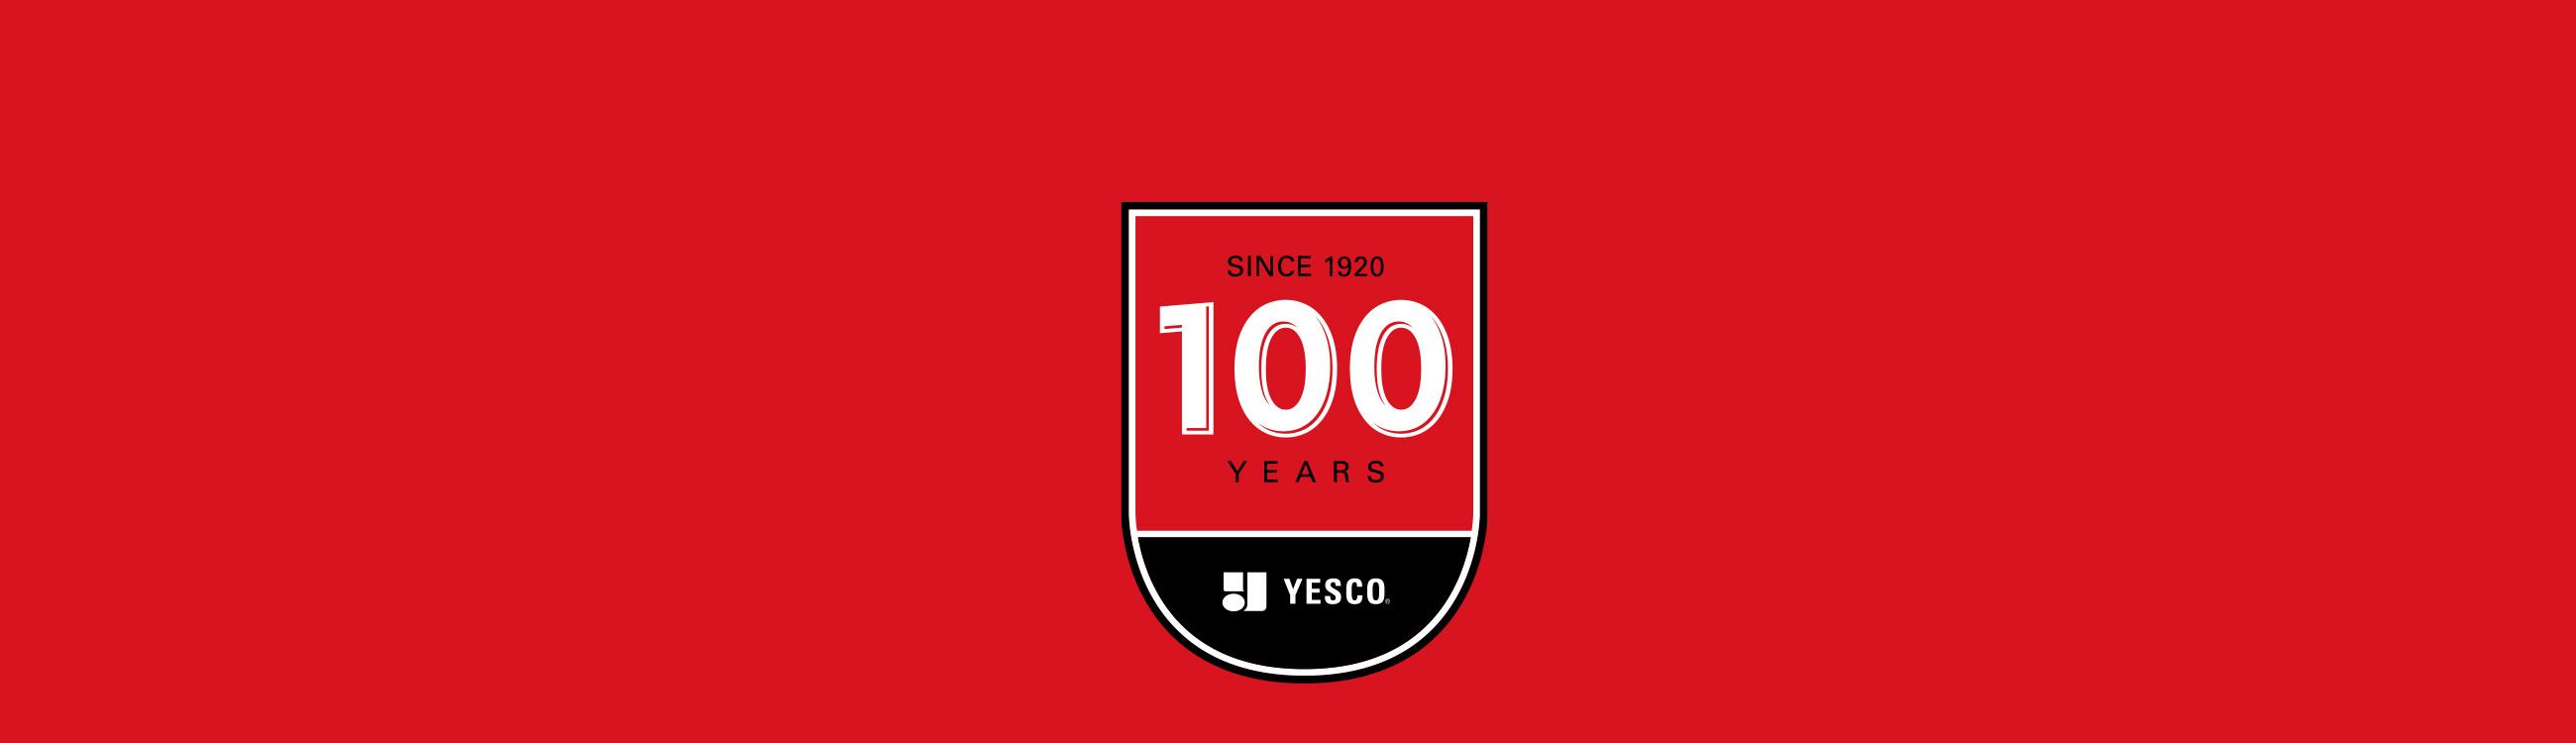 YESCO 100 Years